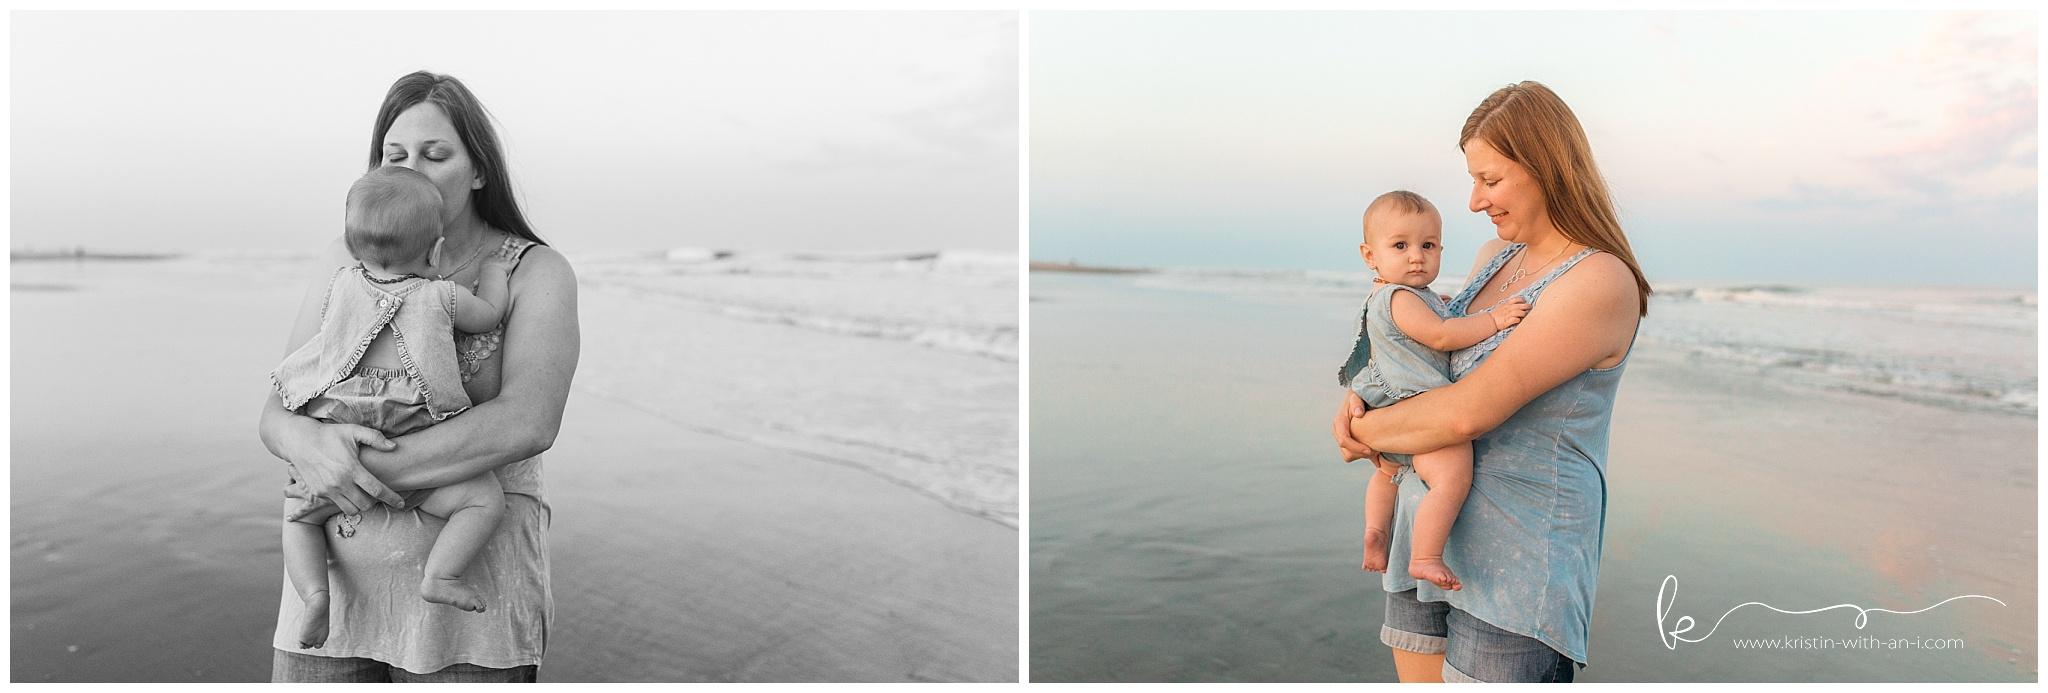 Avalon Beach Family Photographer